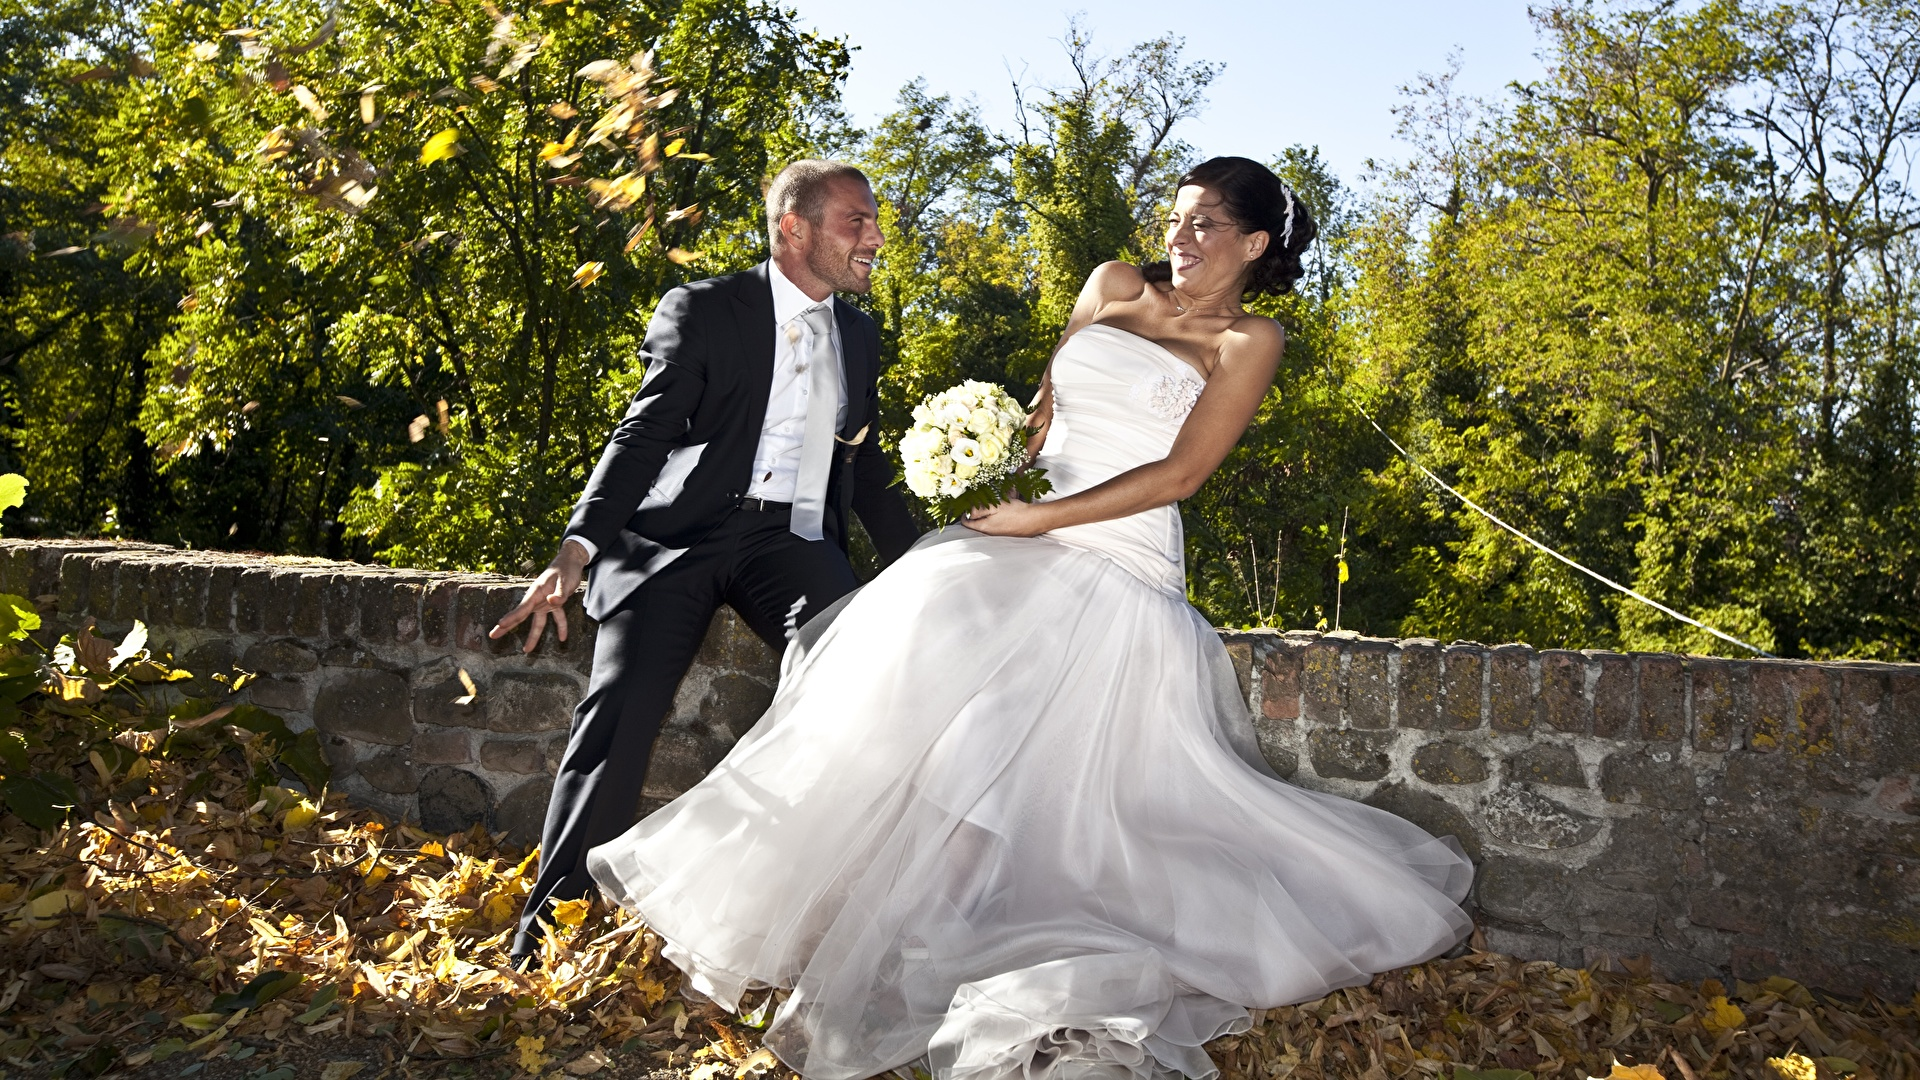 1920x1080 Couples dans l'amour Homme Automne Bouquets Marié homme Jeune mariée Feuillage Les robes Joie Feuille Filles